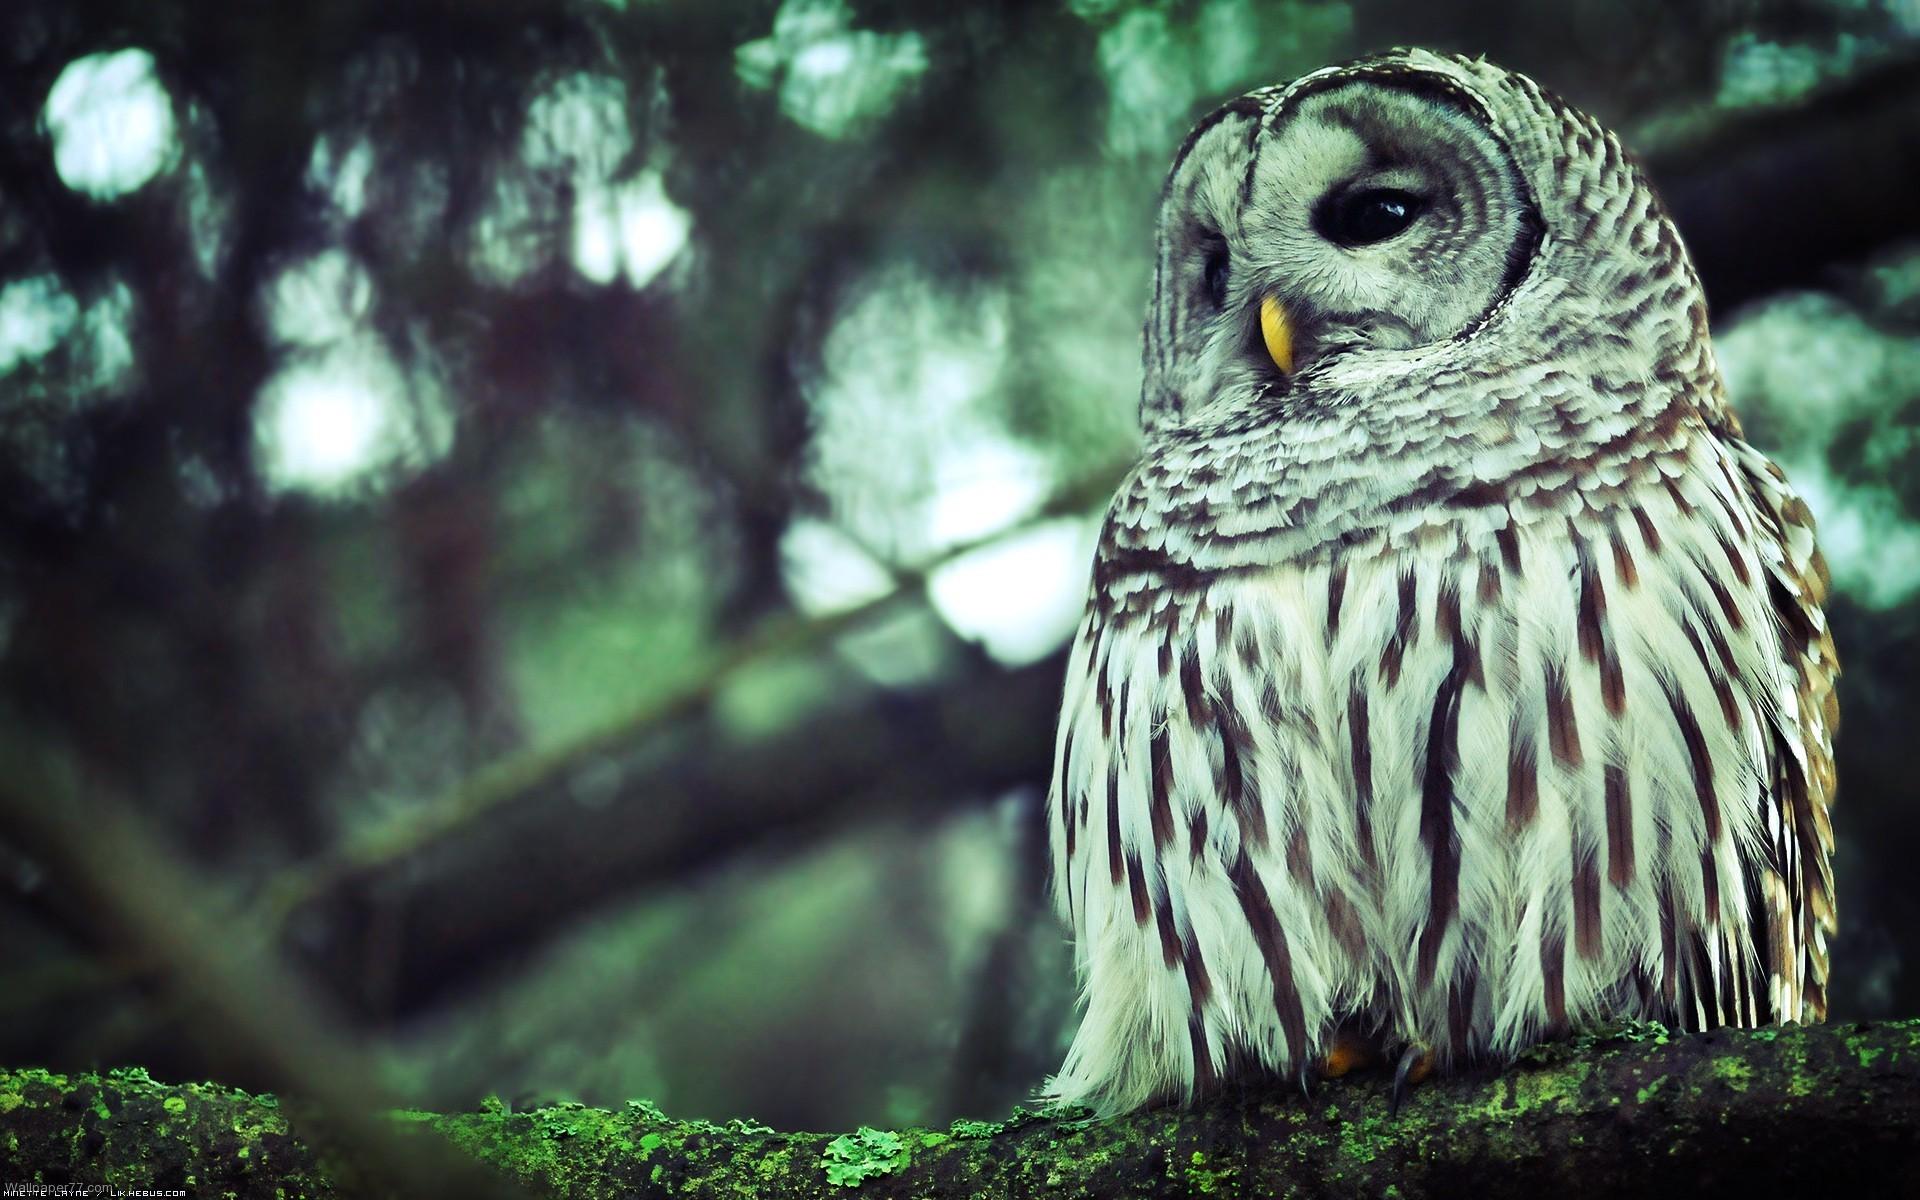 Owl Wallpaper for Mobile